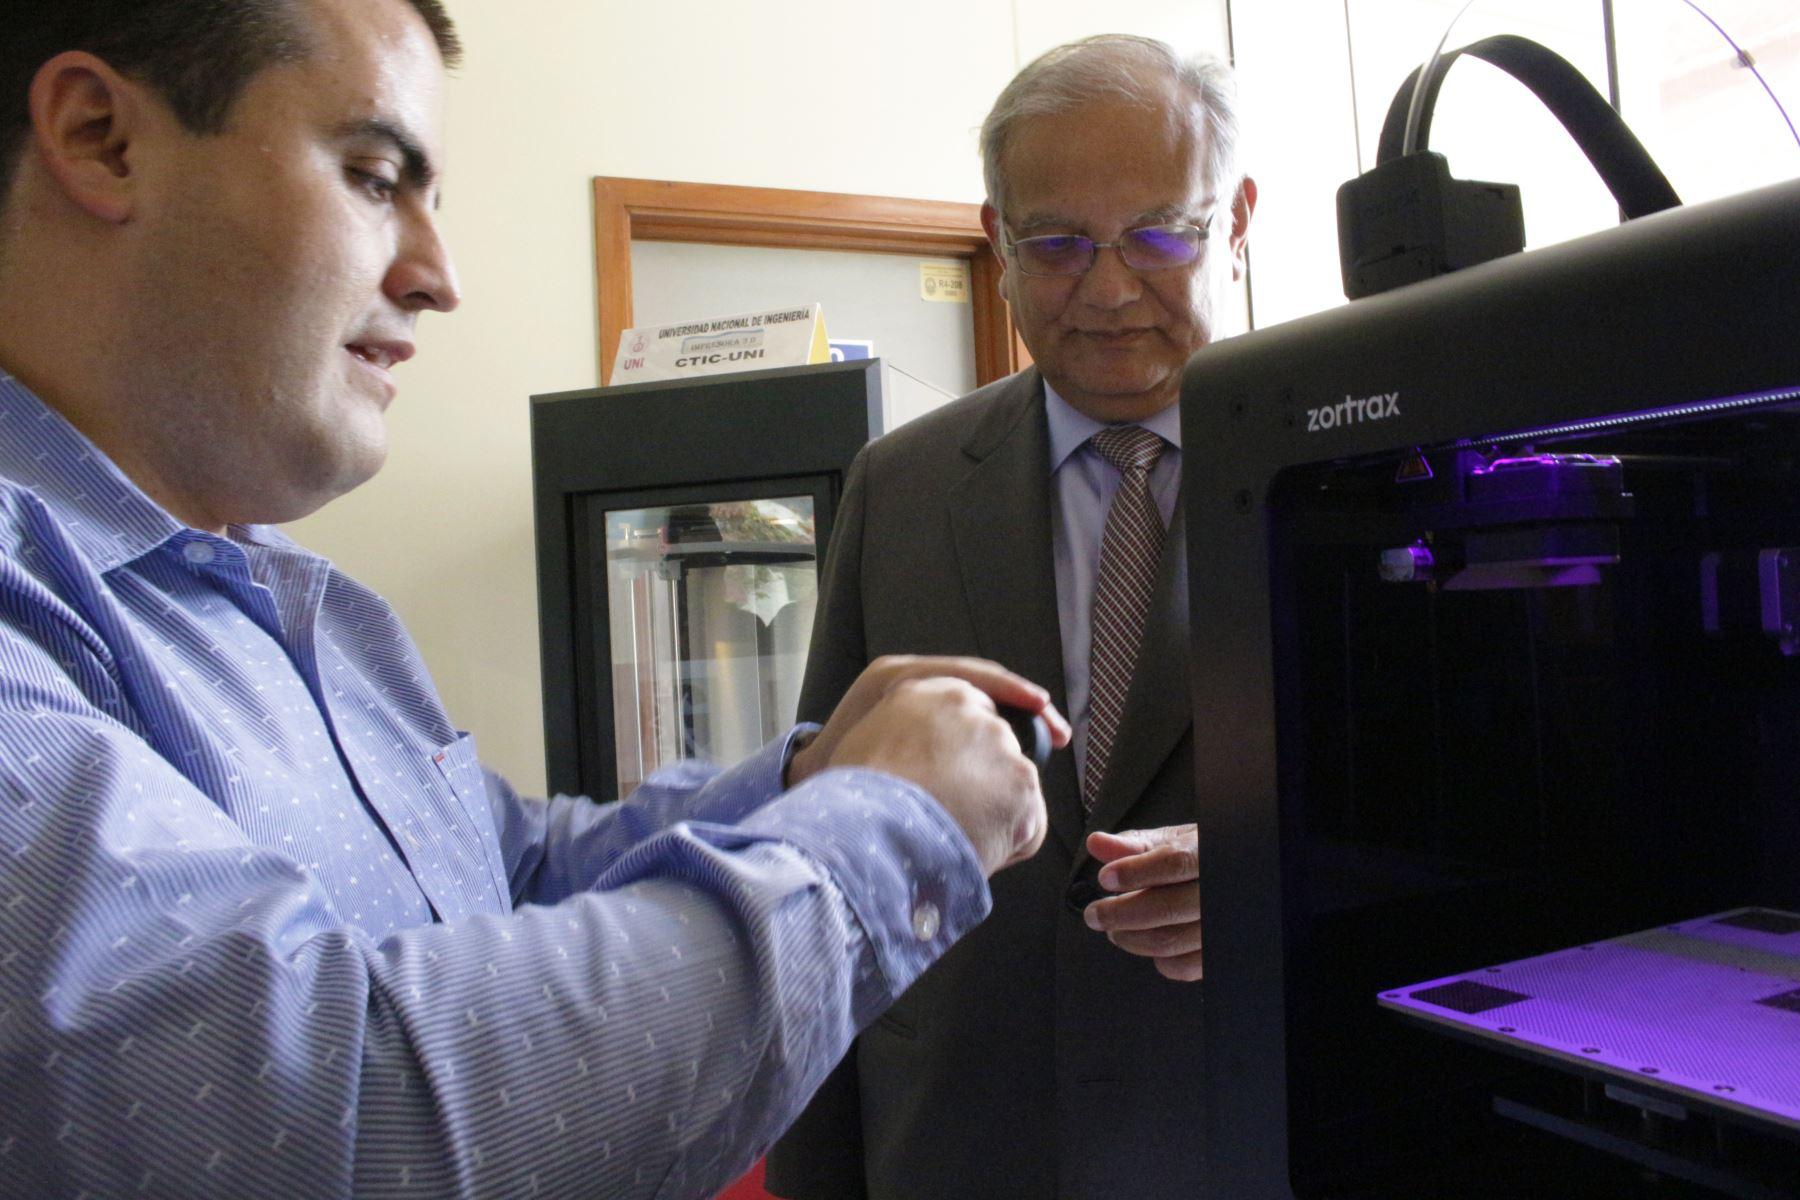 Moderno laboratorio en UNI permitirá realizar prótesis en 3D. Foto: Difusión